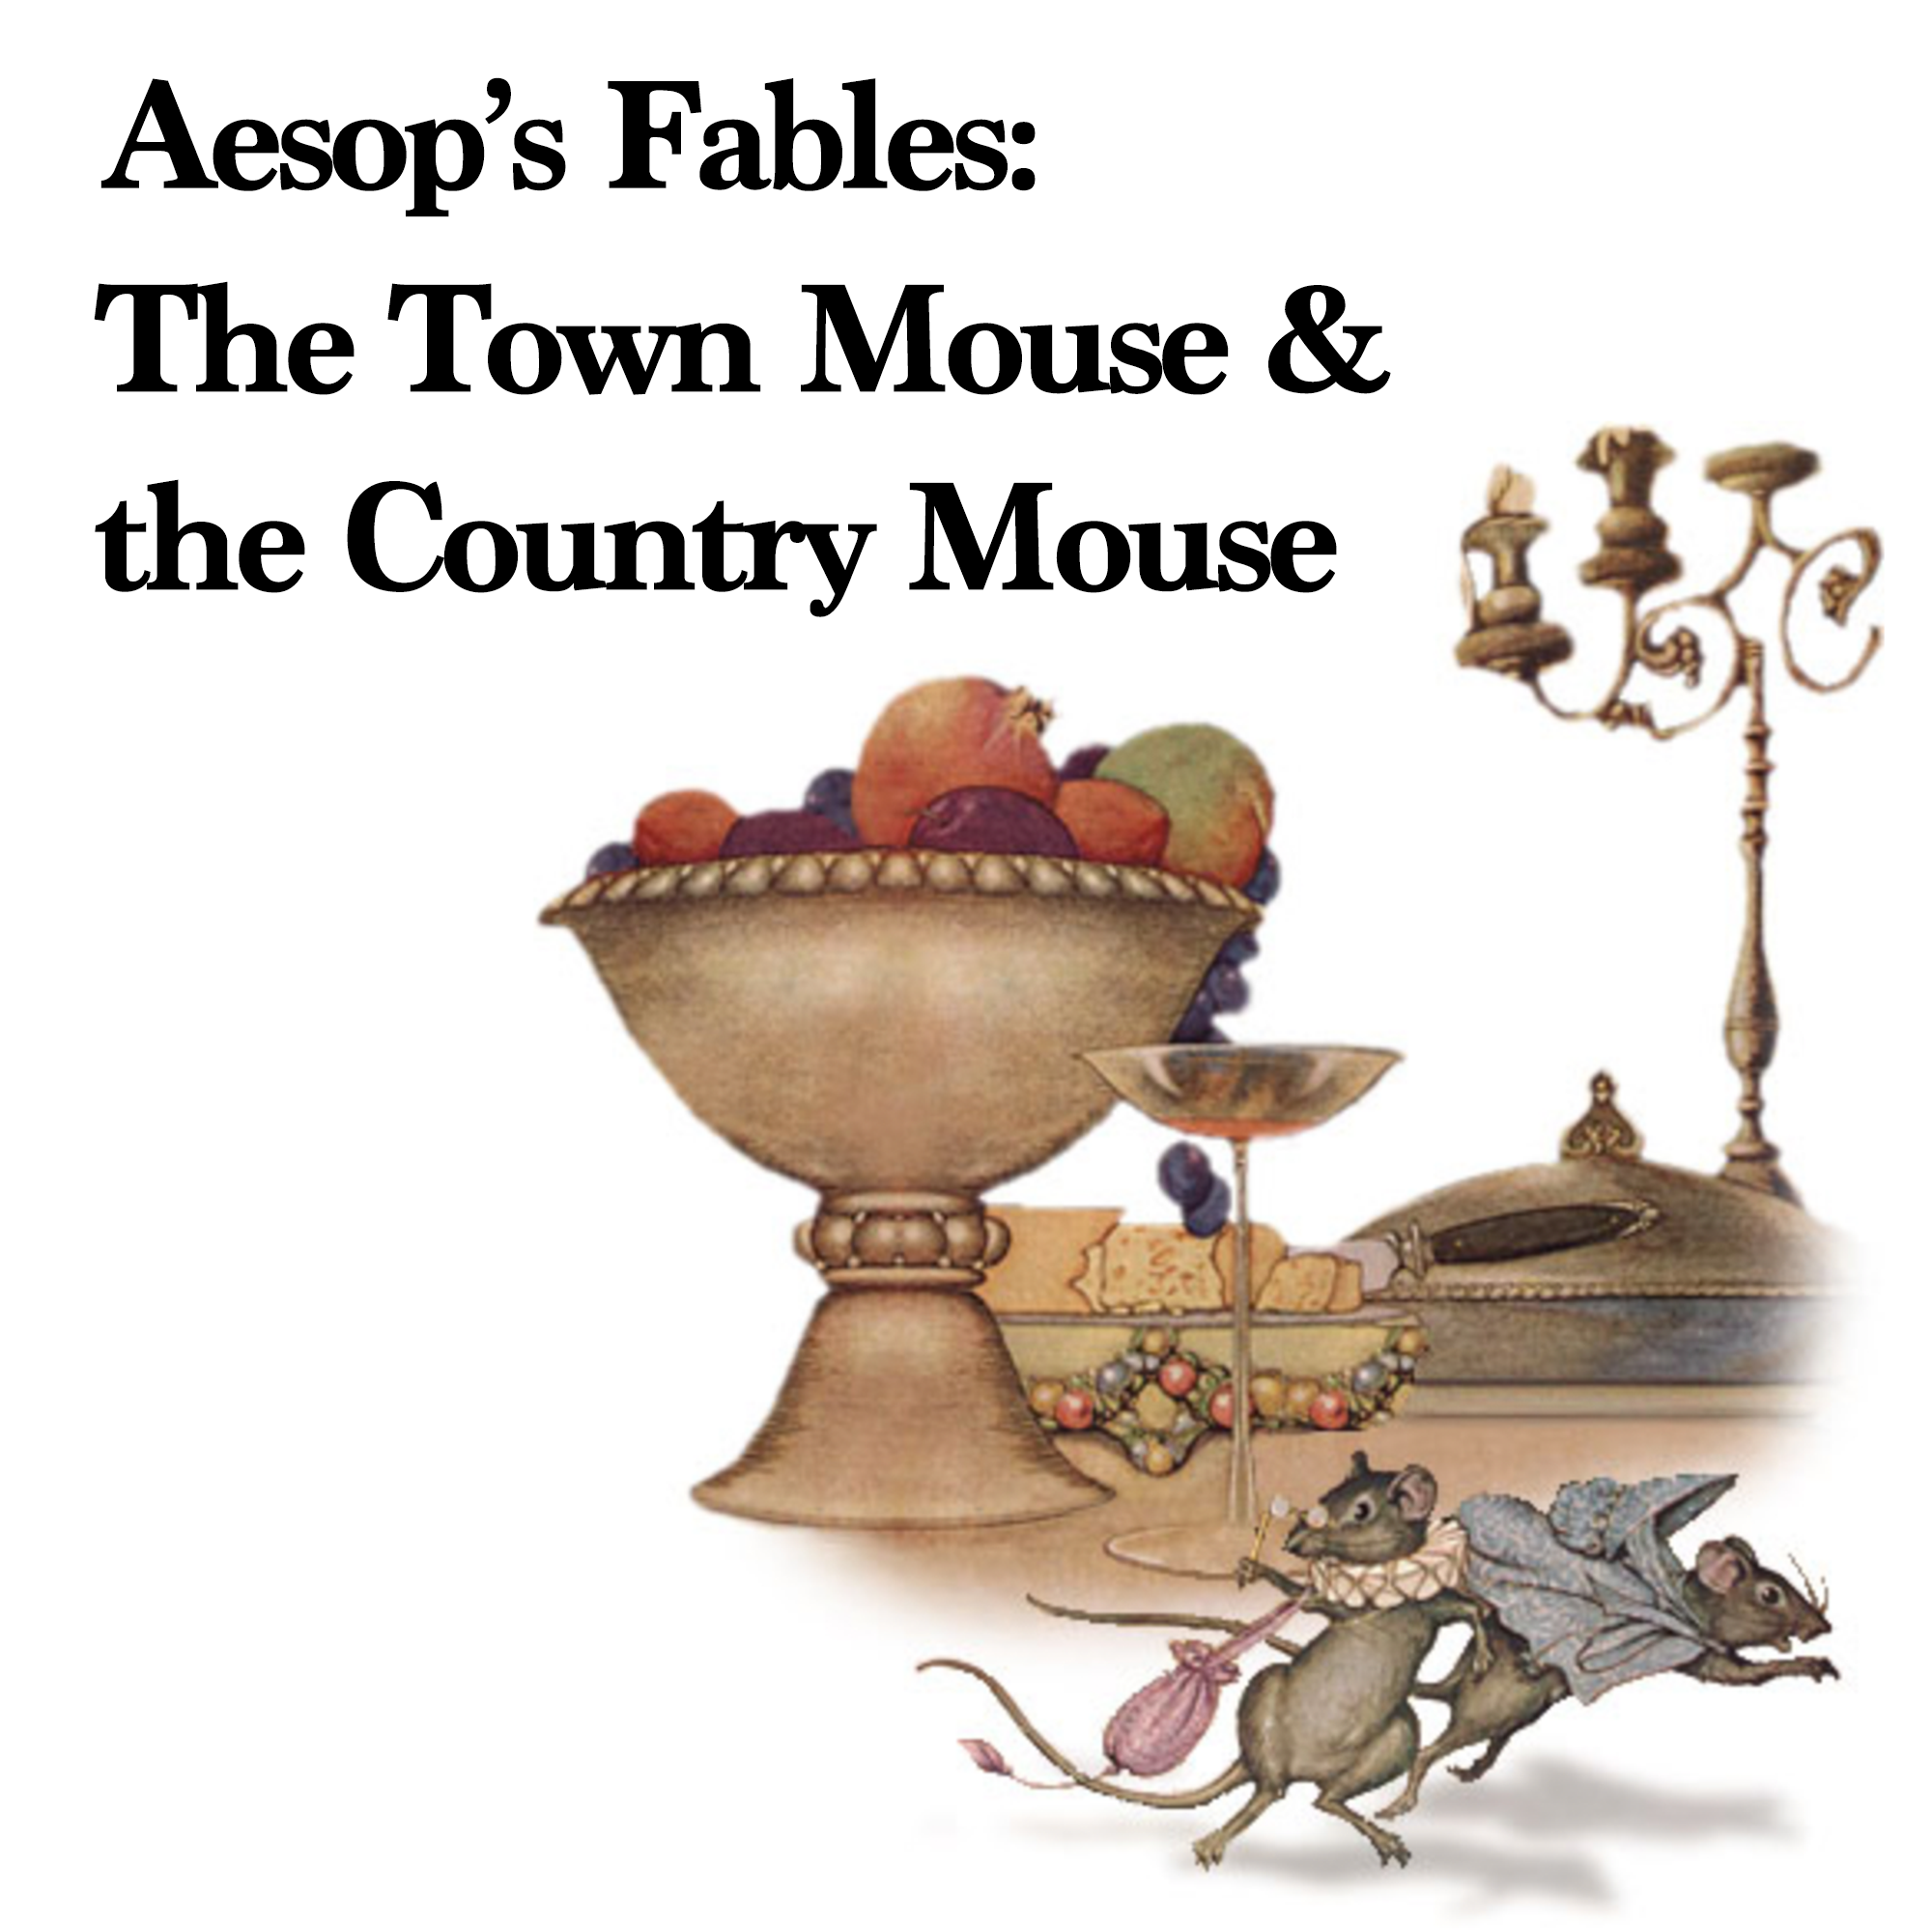 故事朗讀#14:伊索寓言 - The Town Mouse and the Country Mouse